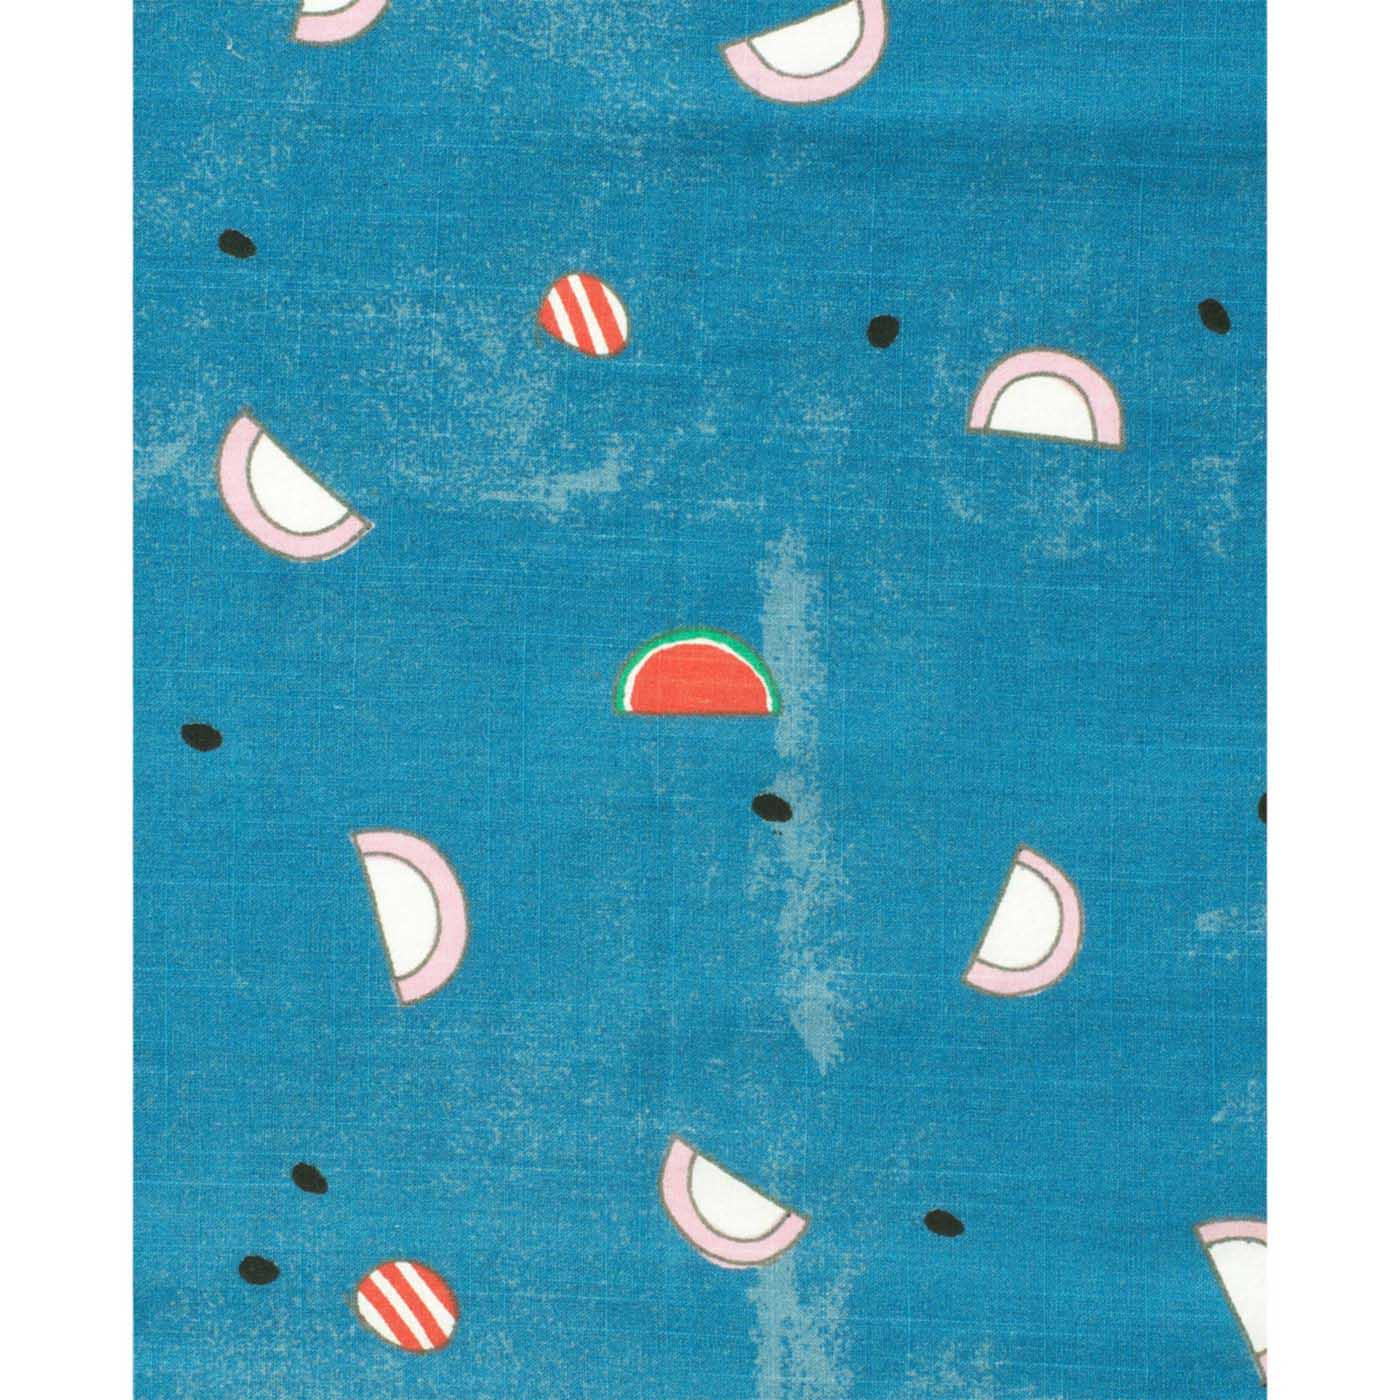 水彩タッチで雰囲気のあるブルーのベースに、ピンクと白のかまぼこがちりばめられています。